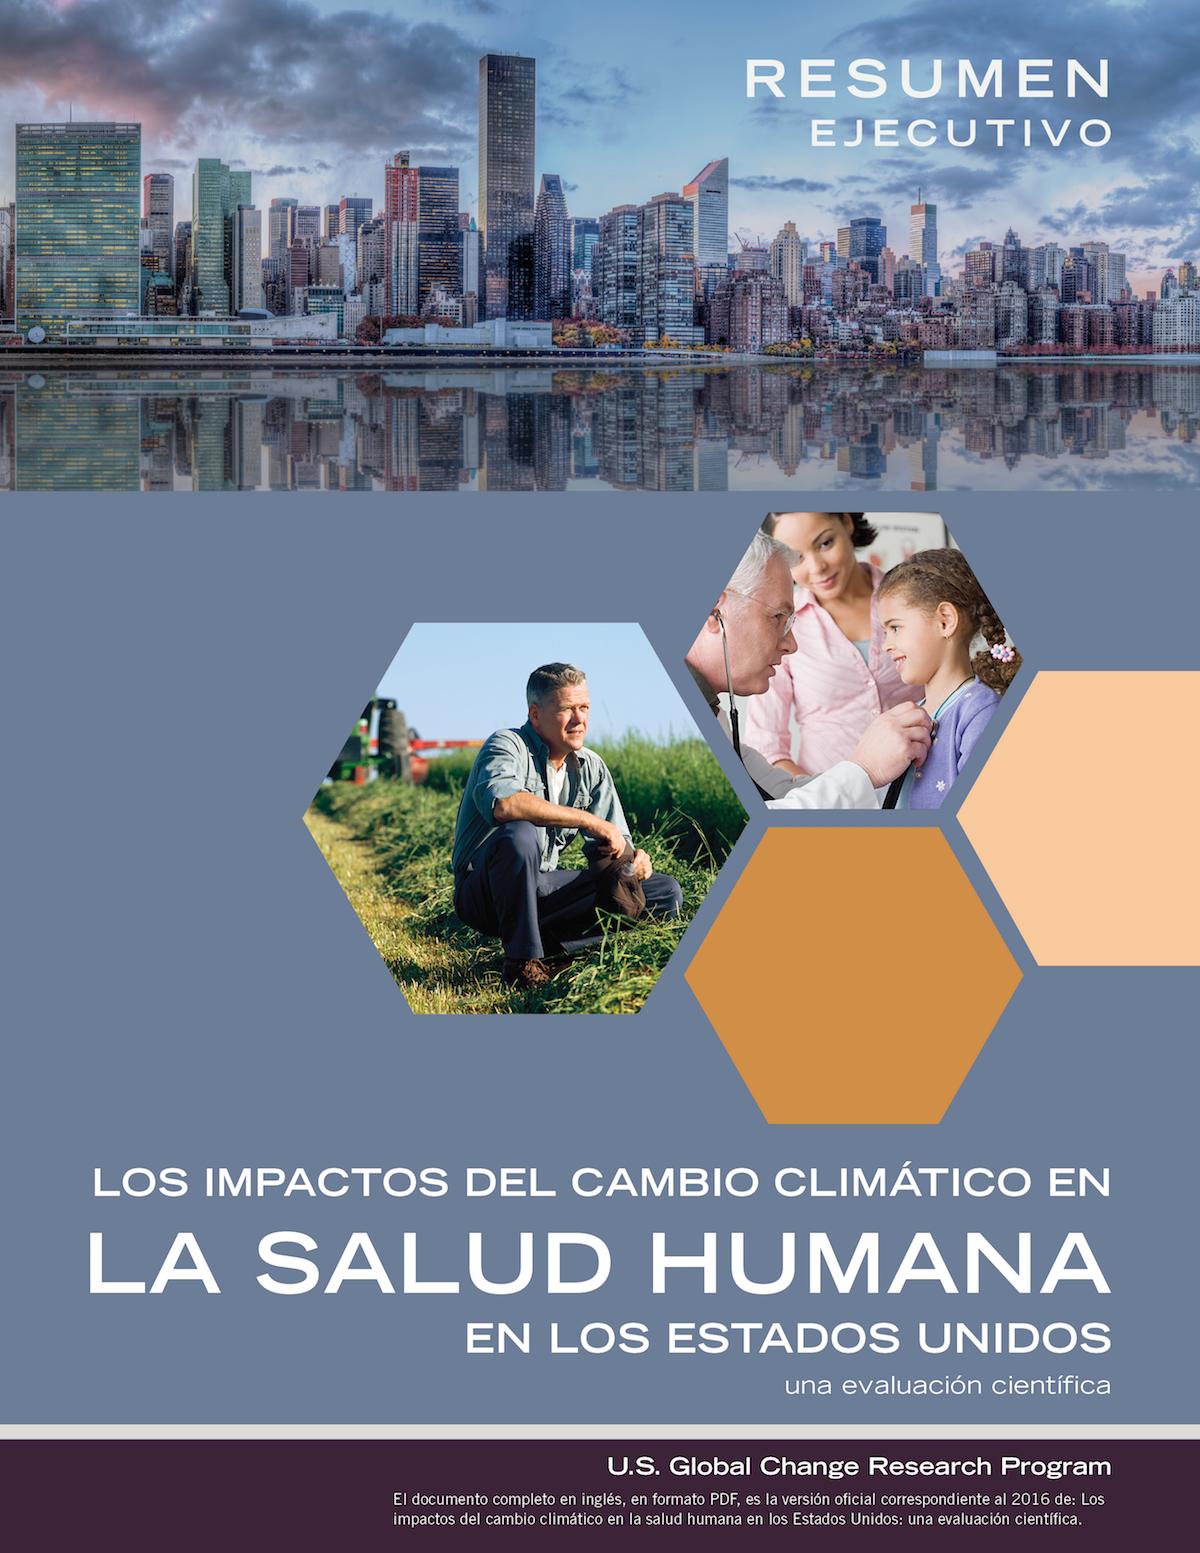 RESUMEN EJECUTIVO. Los impactos del cambio climático en la salud humana en los Estados Unidos una evaluación científica